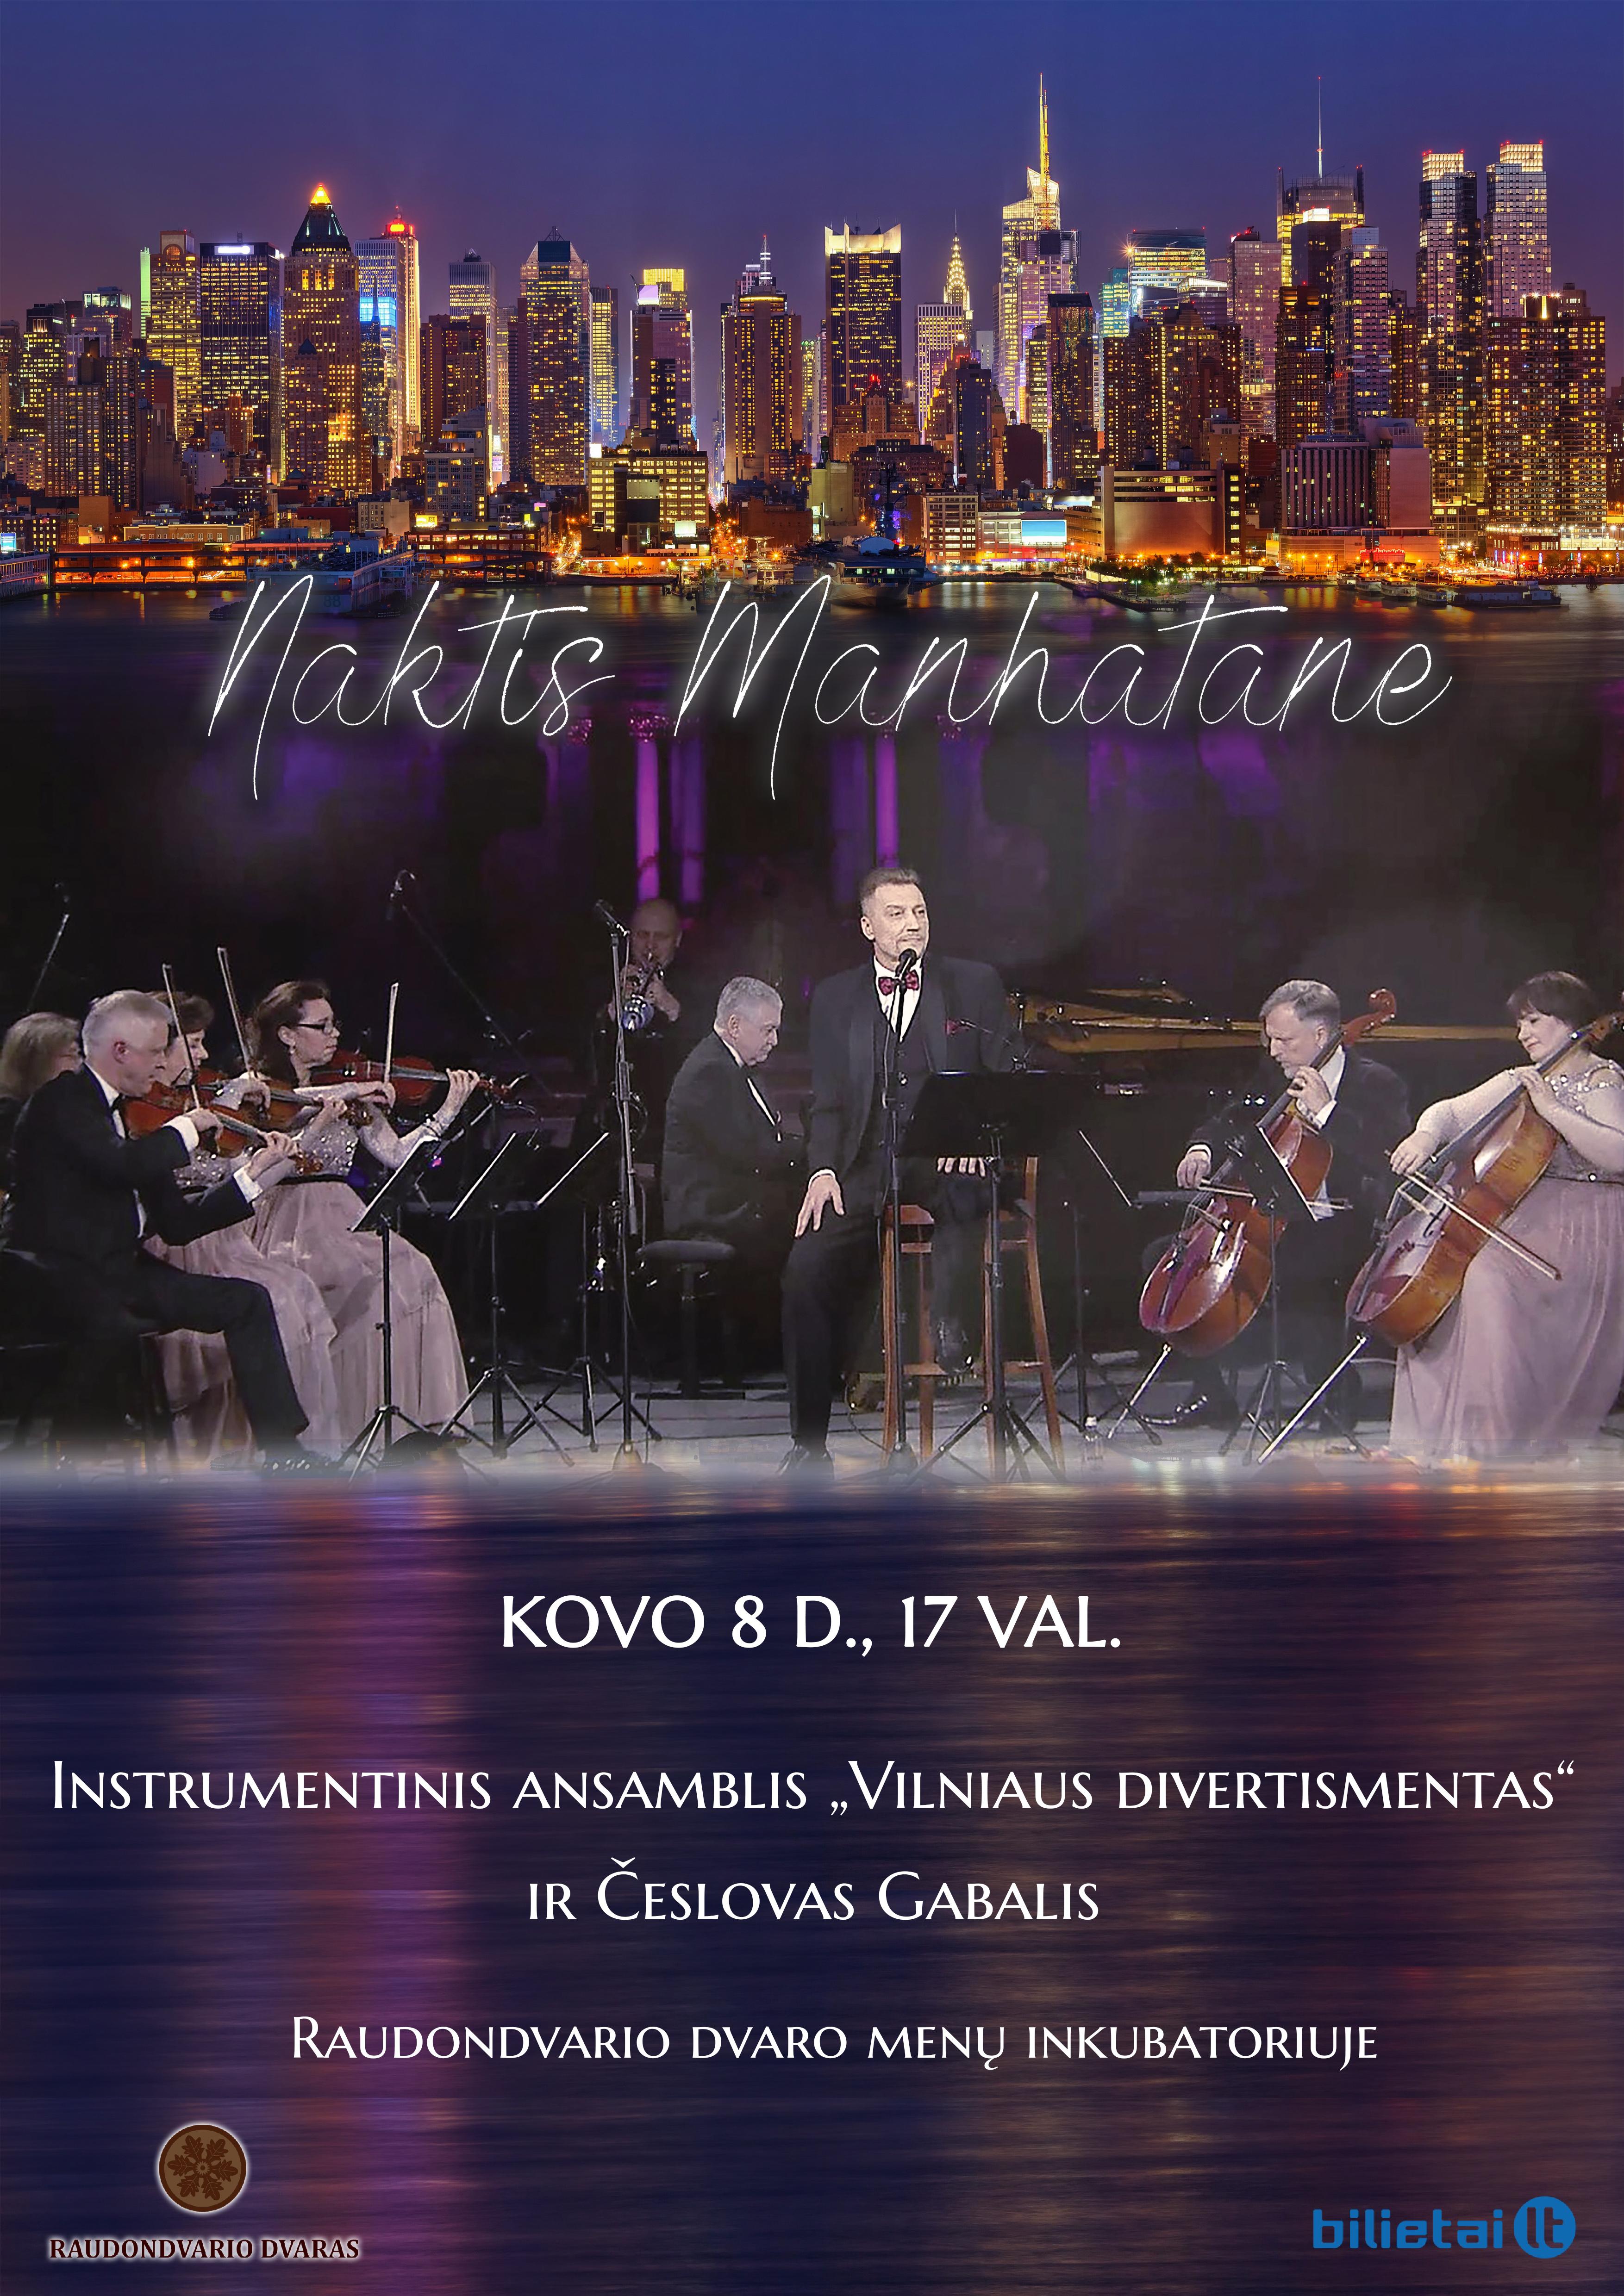 """Romantiškas koncertas """"Naktis Manhatane"""". ČESLOVAS GABALIS IR VILNIAUS DIVERTISMENTAS"""